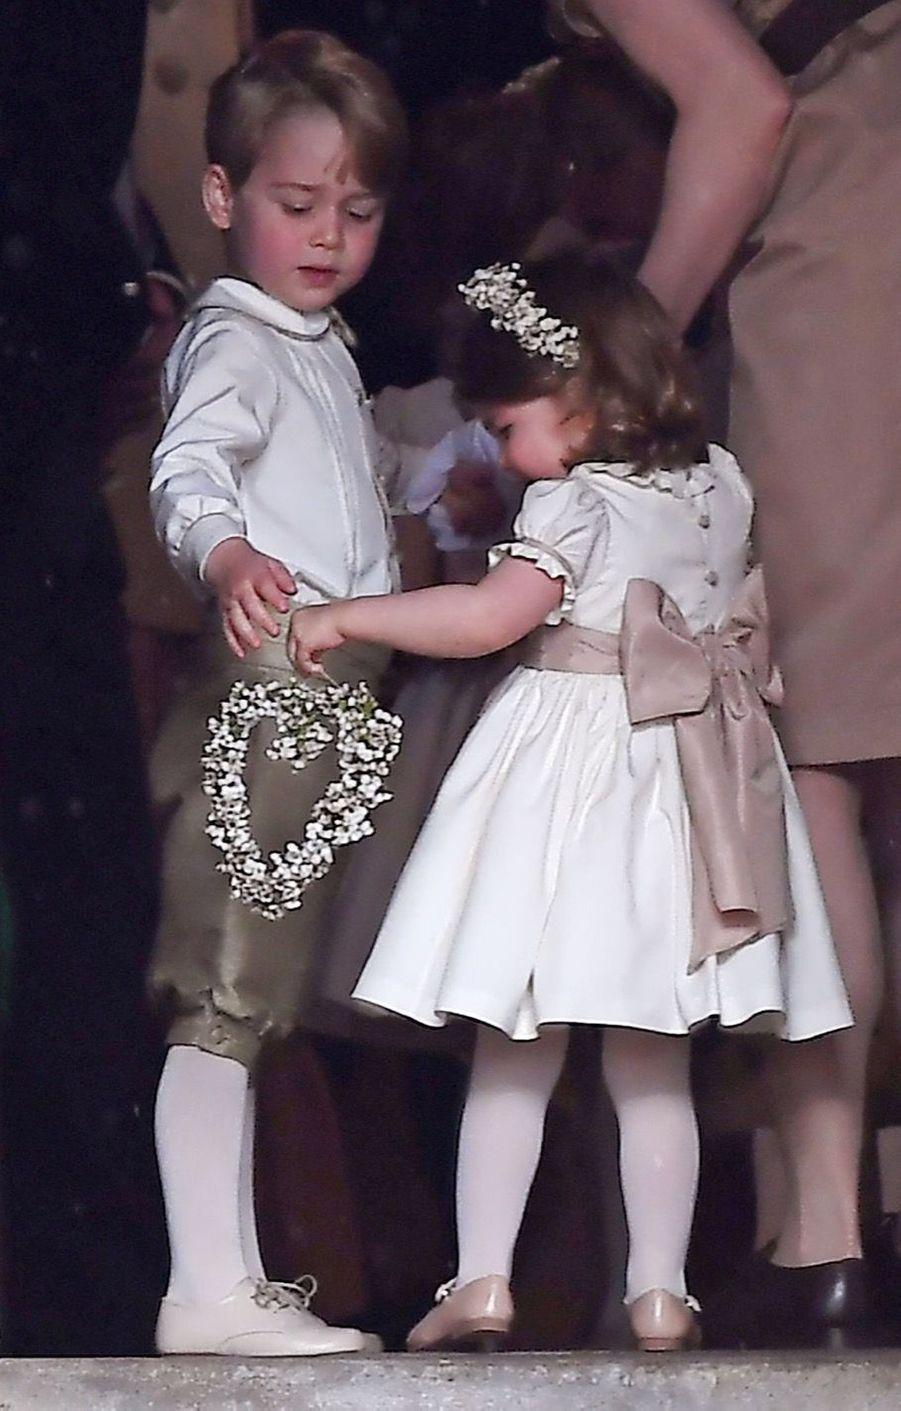 Le Prince George Et La Princesse Charlotte Regardent Leur Tante Pippa Middleton Arriver Pour Son Mariage 1